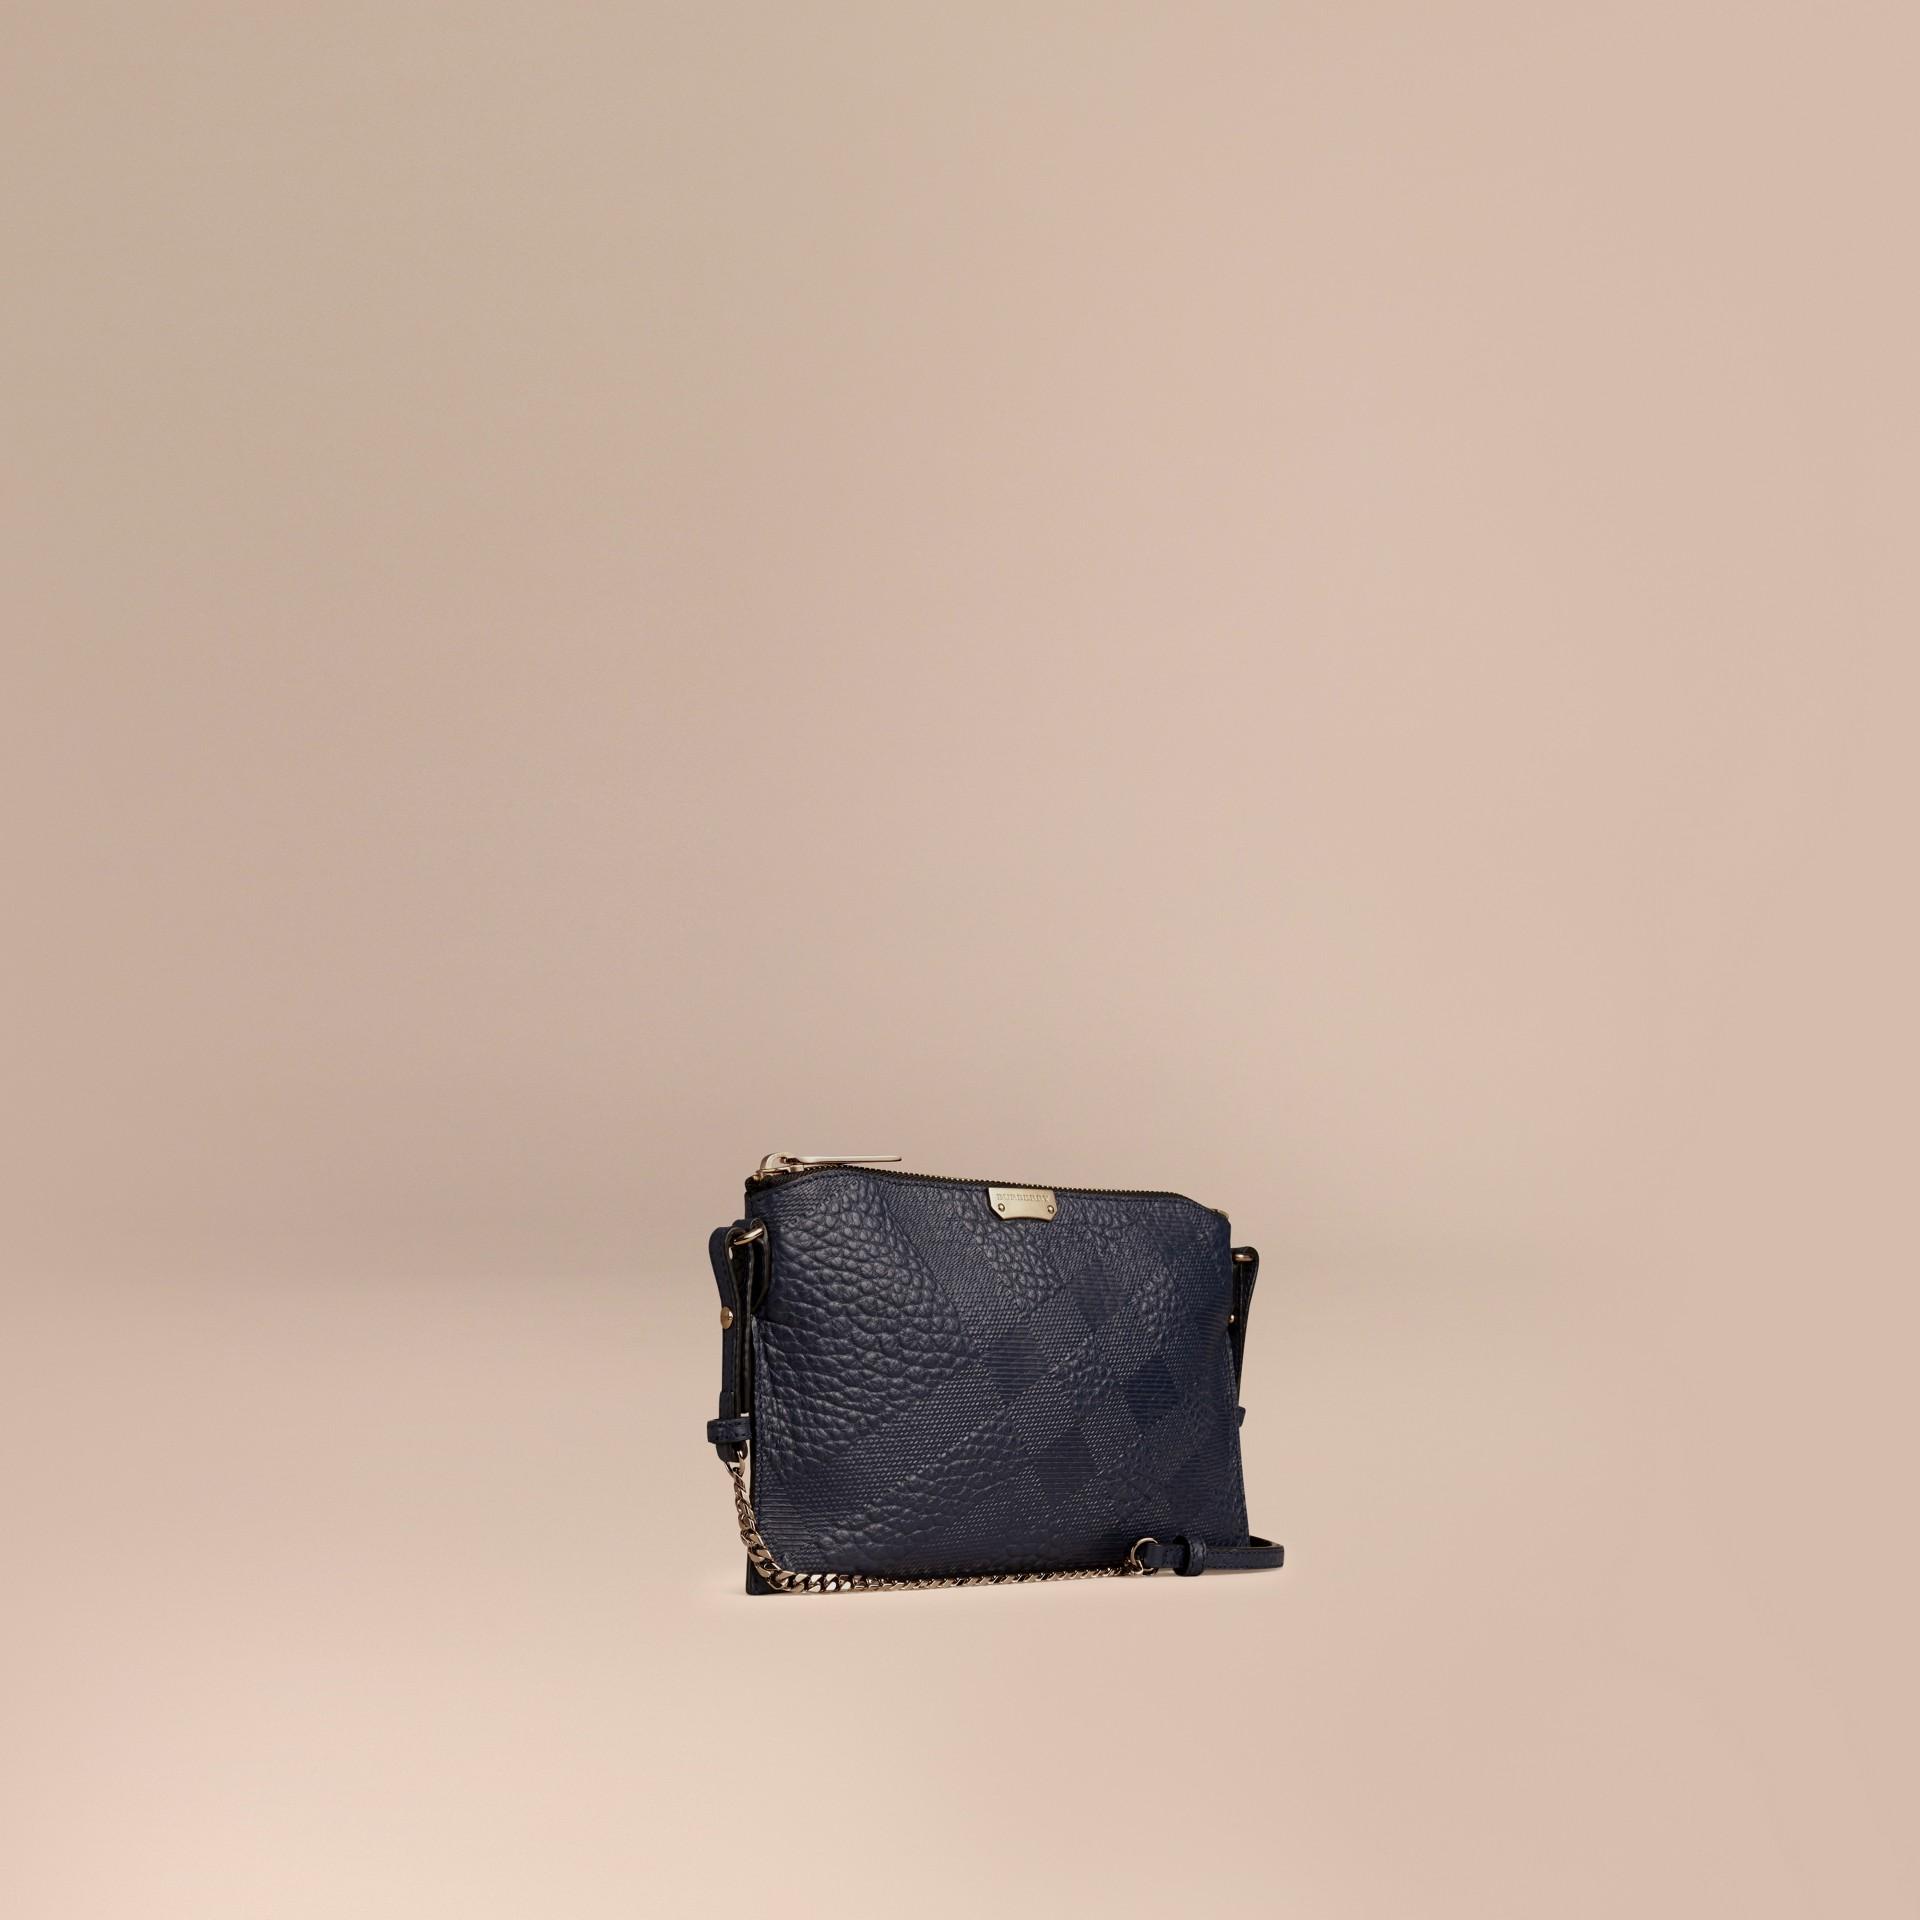 Blu carbonio Pochette in pelle con motivo check in rilievo Blu Carbonio - immagine della galleria 1